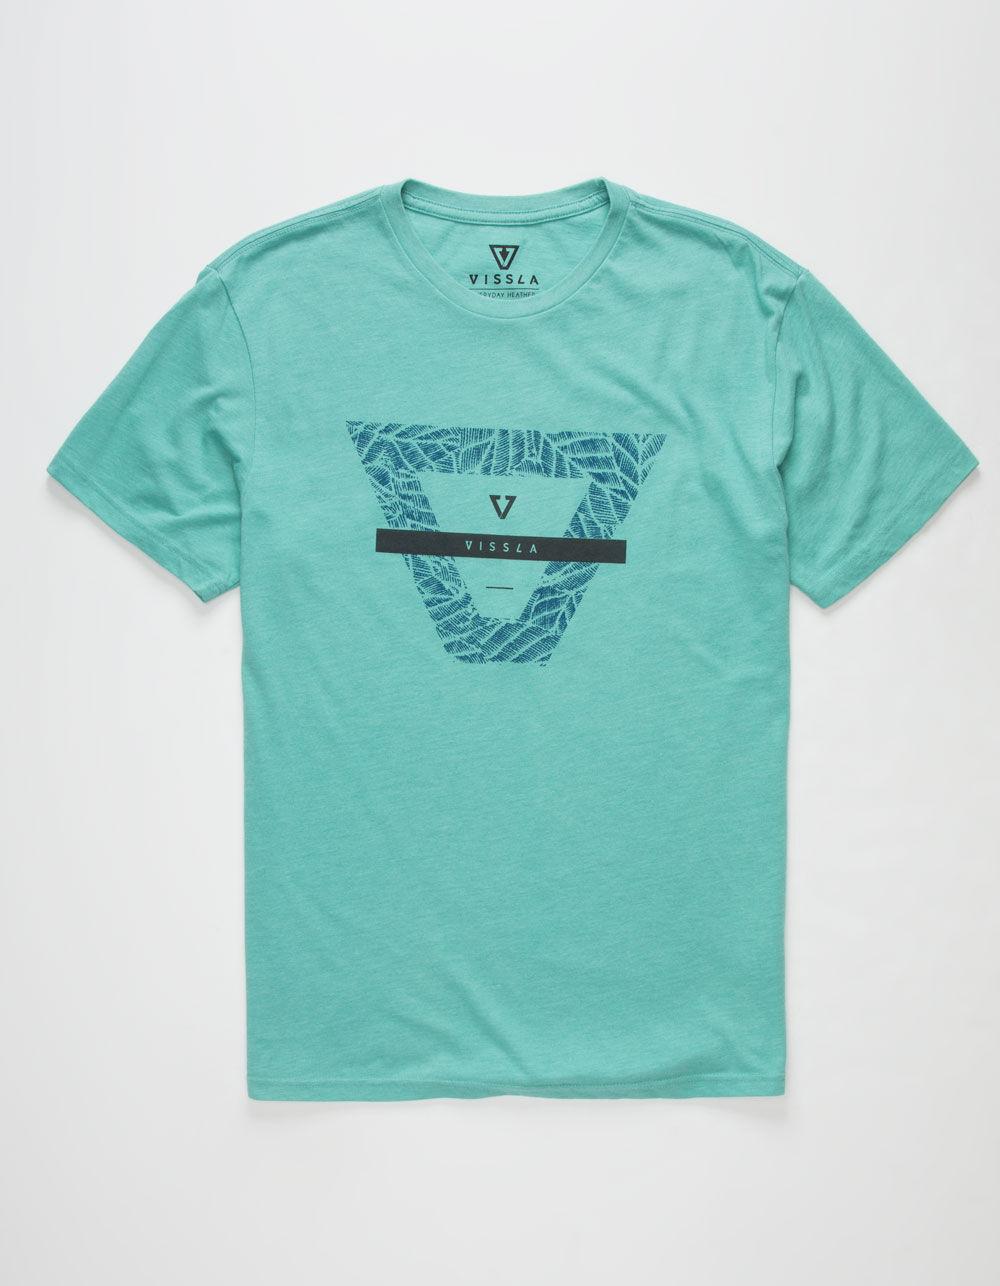 VISSLA Duster Jade T-Shirt